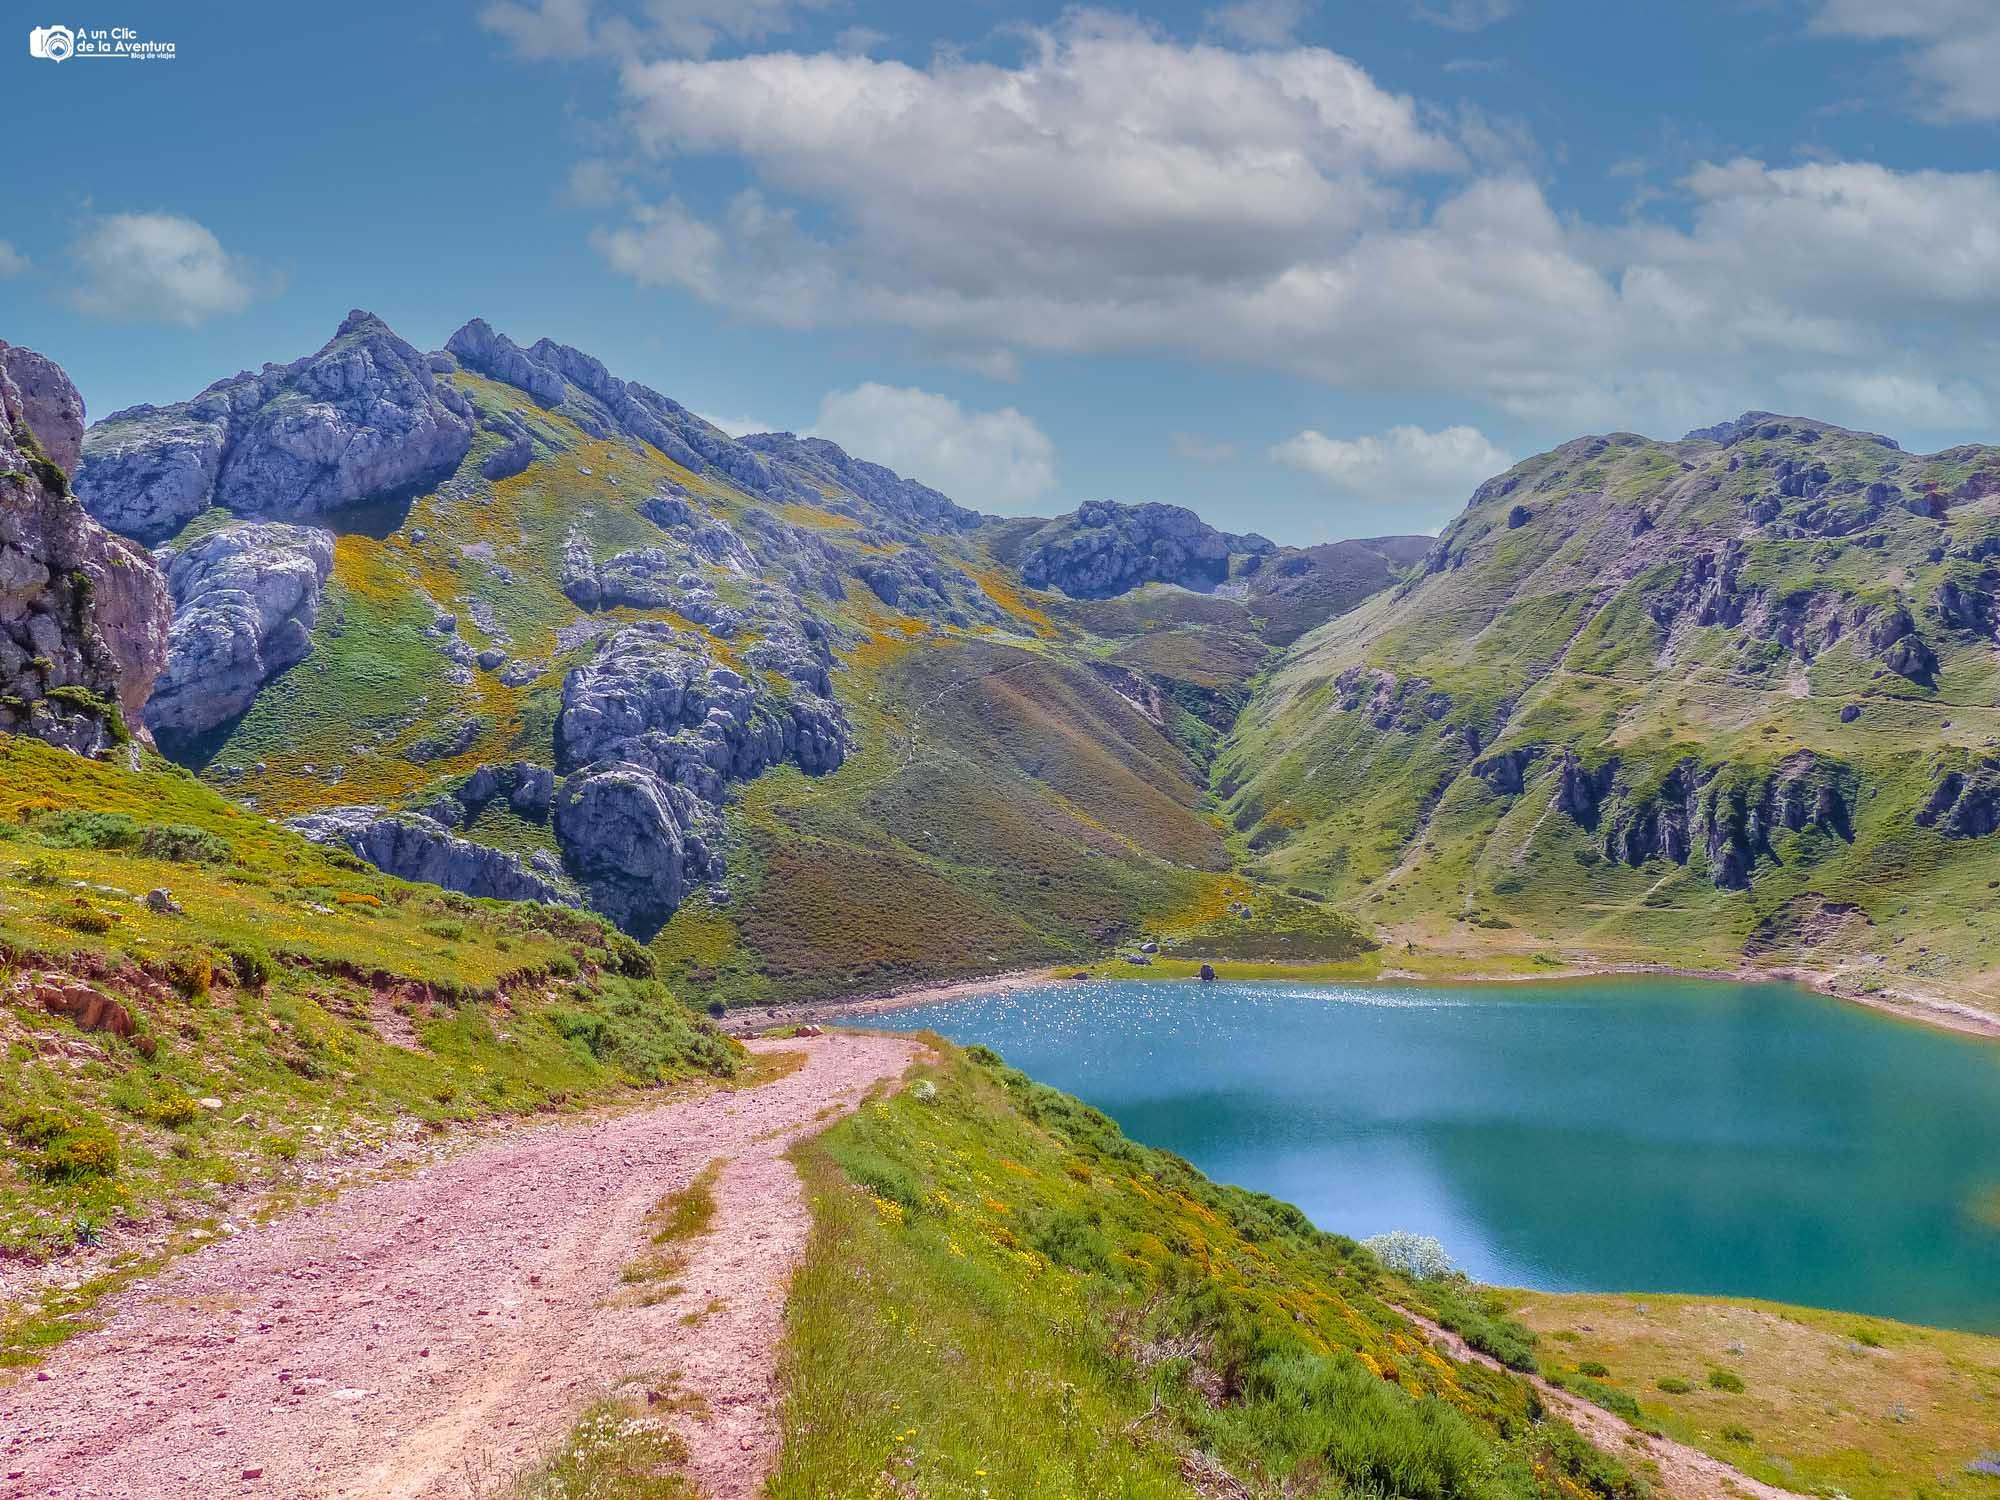 Lago de la Cueva ruta de los lagos de Saliencia